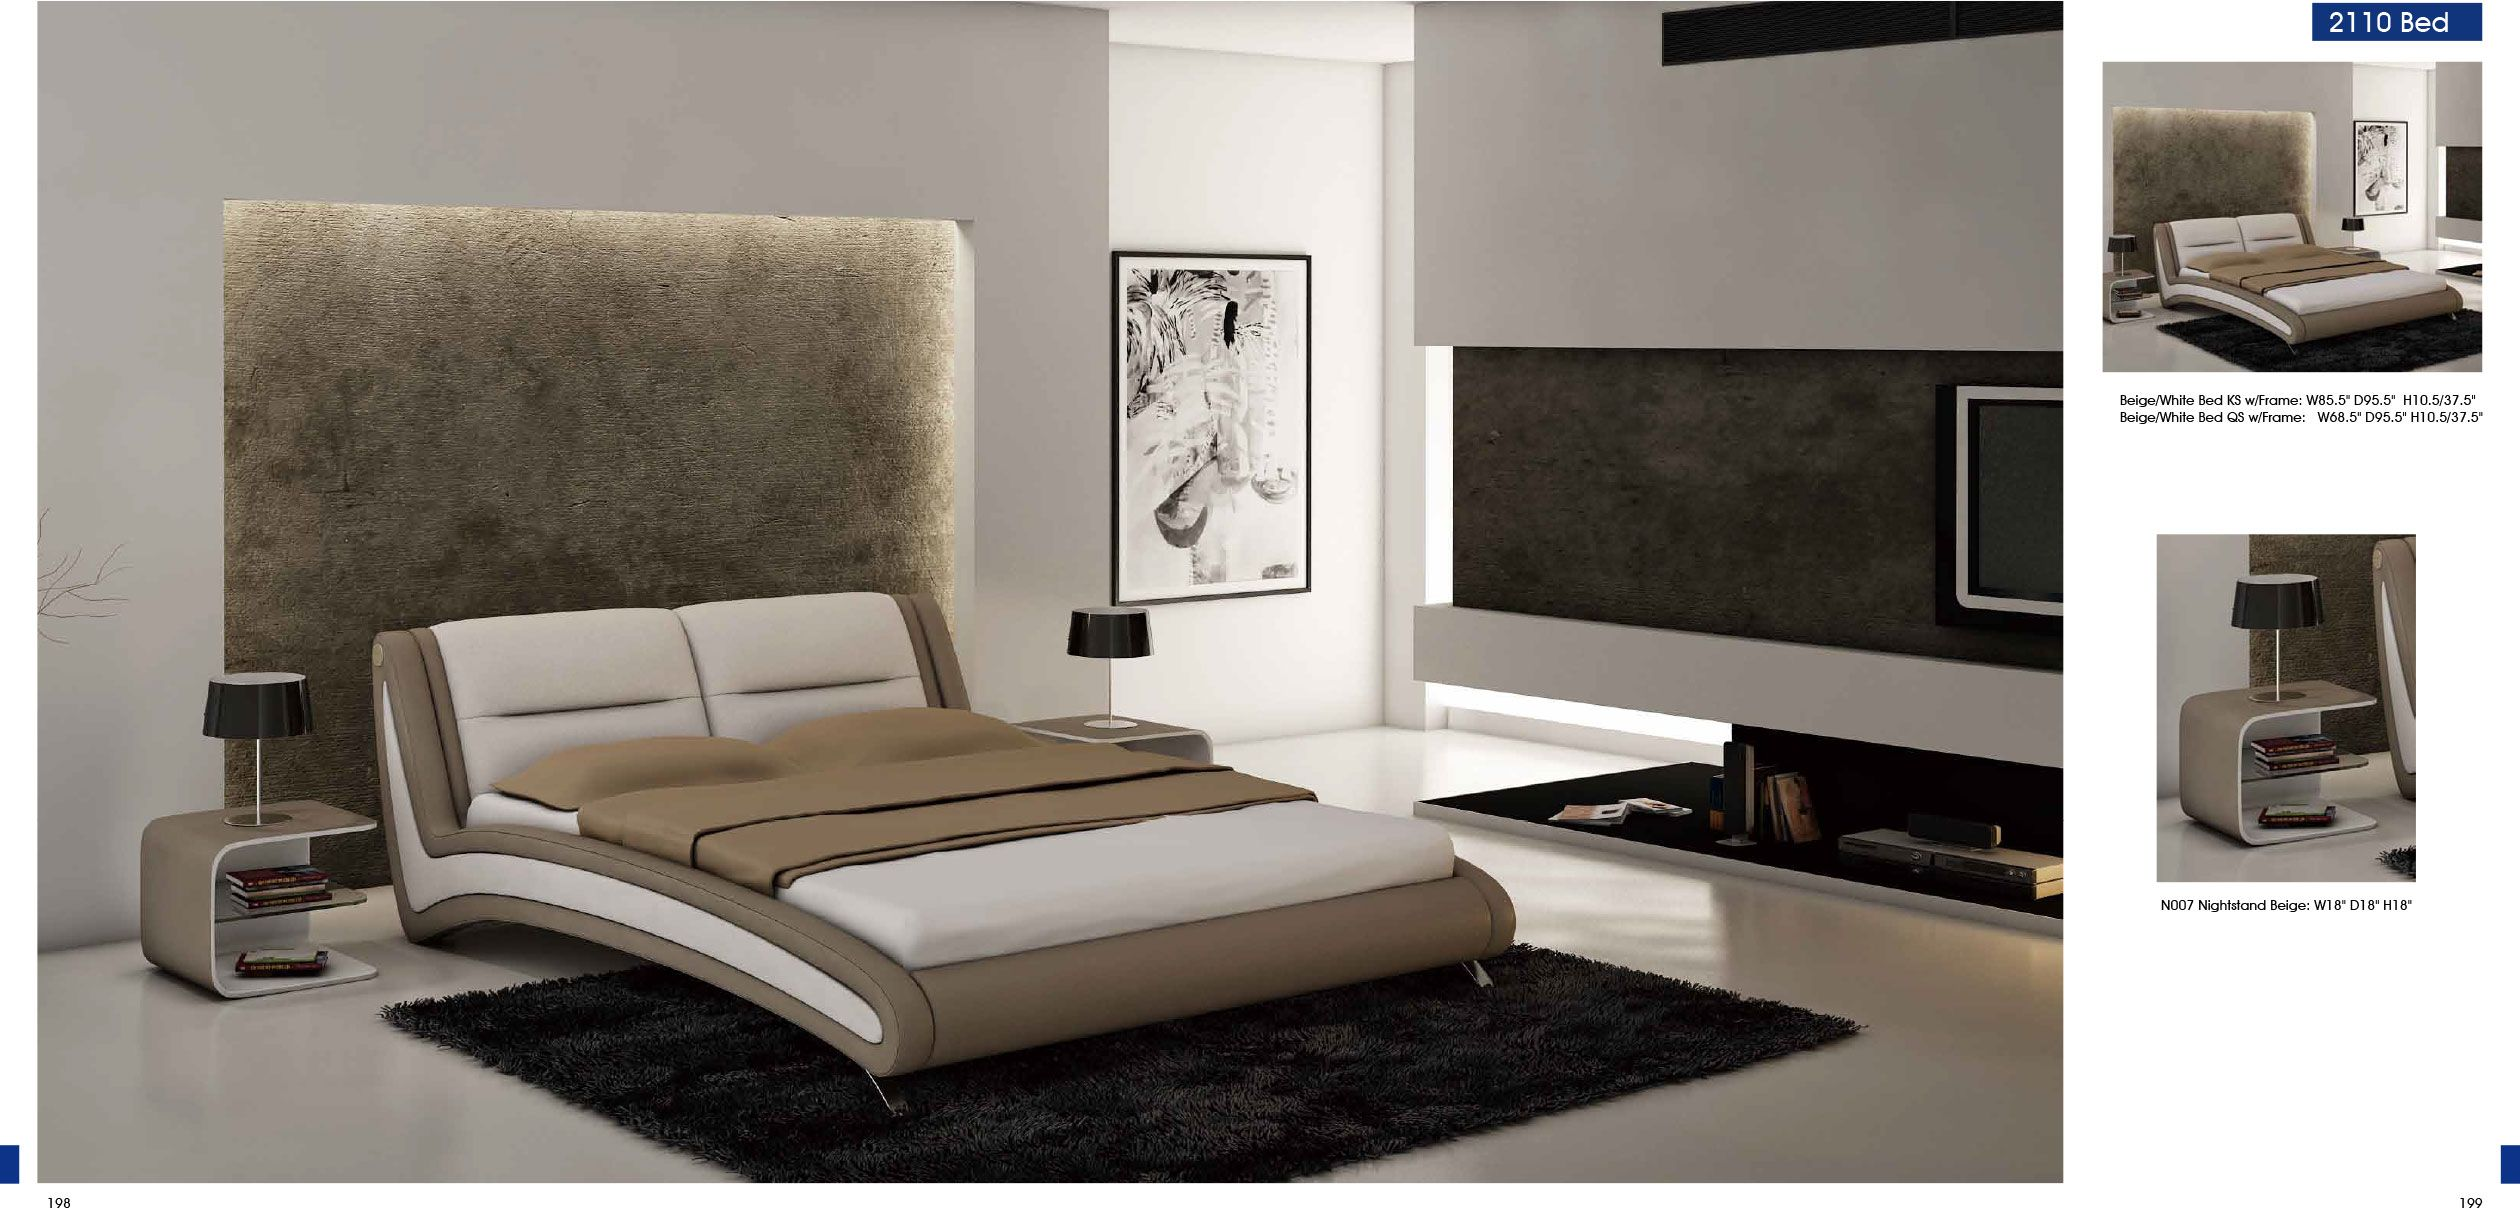 Best Bedroom Furniture Bedroom Furniture Modern Bedrooms 2110 400 x 300